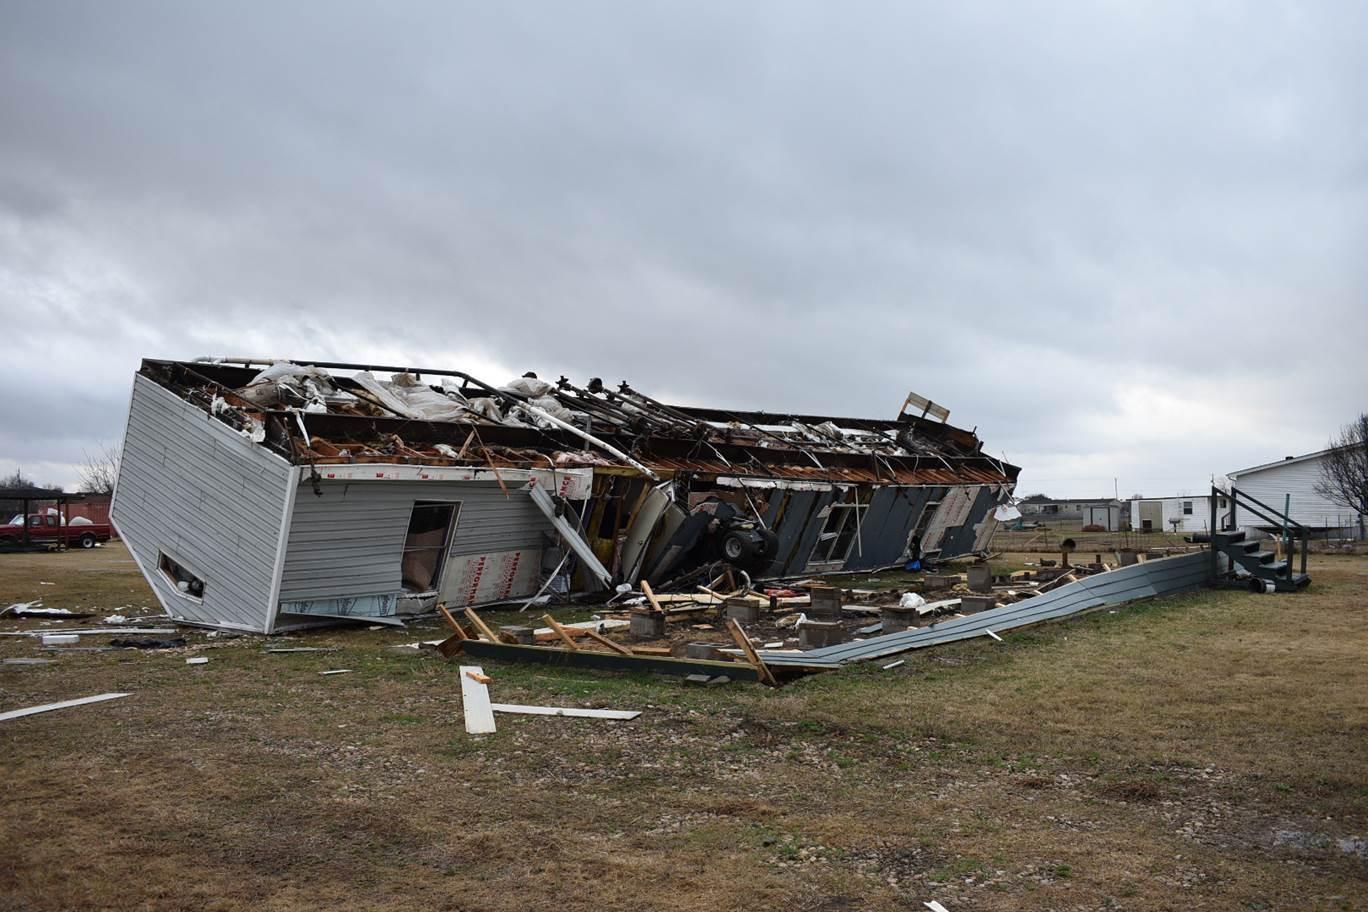 Una casa móvil fue destruida luego de un tornado golpeó en las afueras de Joshua, a 20 millas de Fort Worth. Dos tornados leves impactaron el Norte de Texas. (AP)